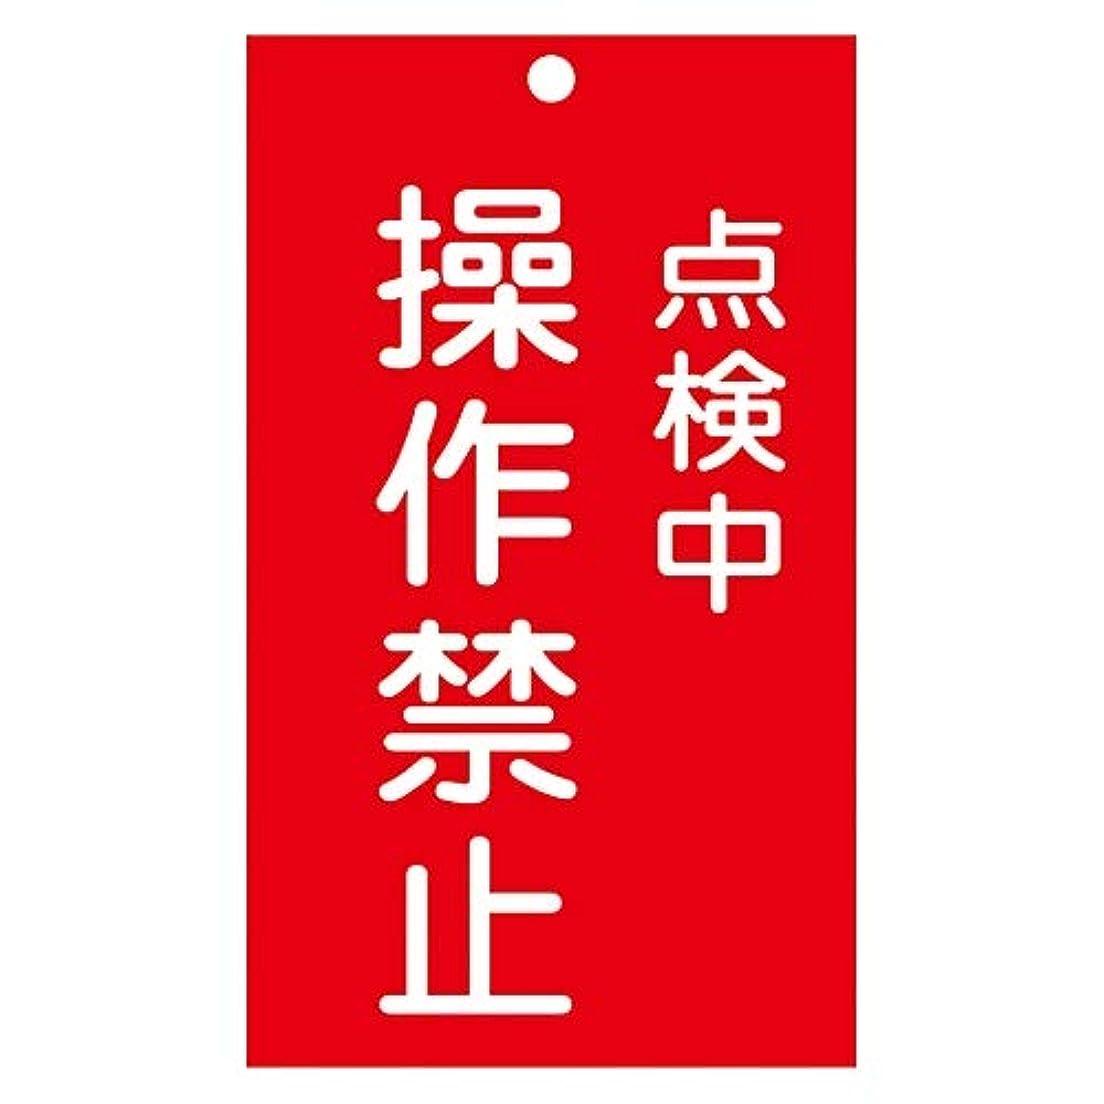 受け取る高音収入日本緑十字社 命札 「点検中 操作禁止」 札-217/61-3387-18